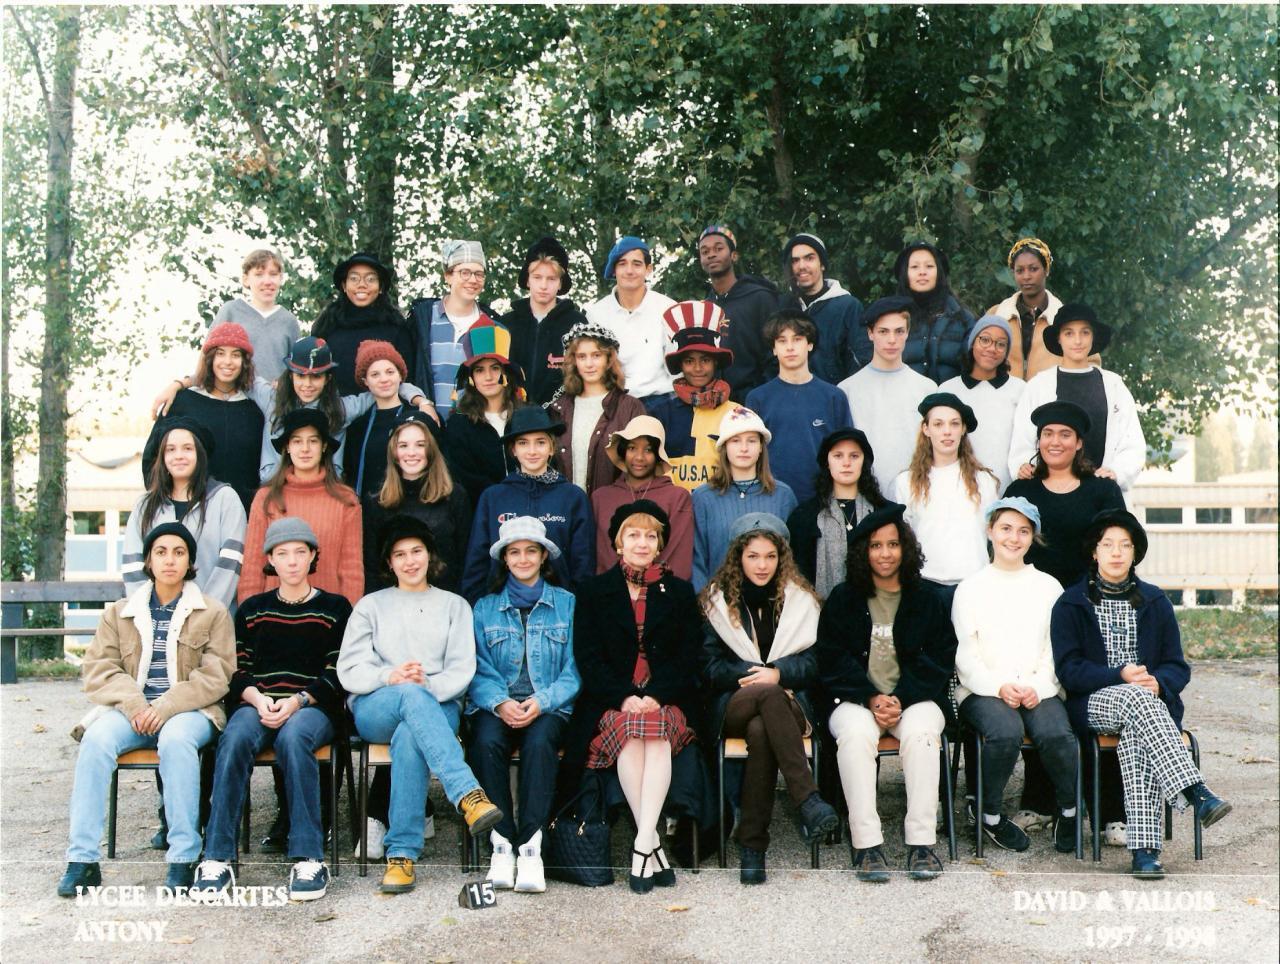 1998 - 1L - DAVID